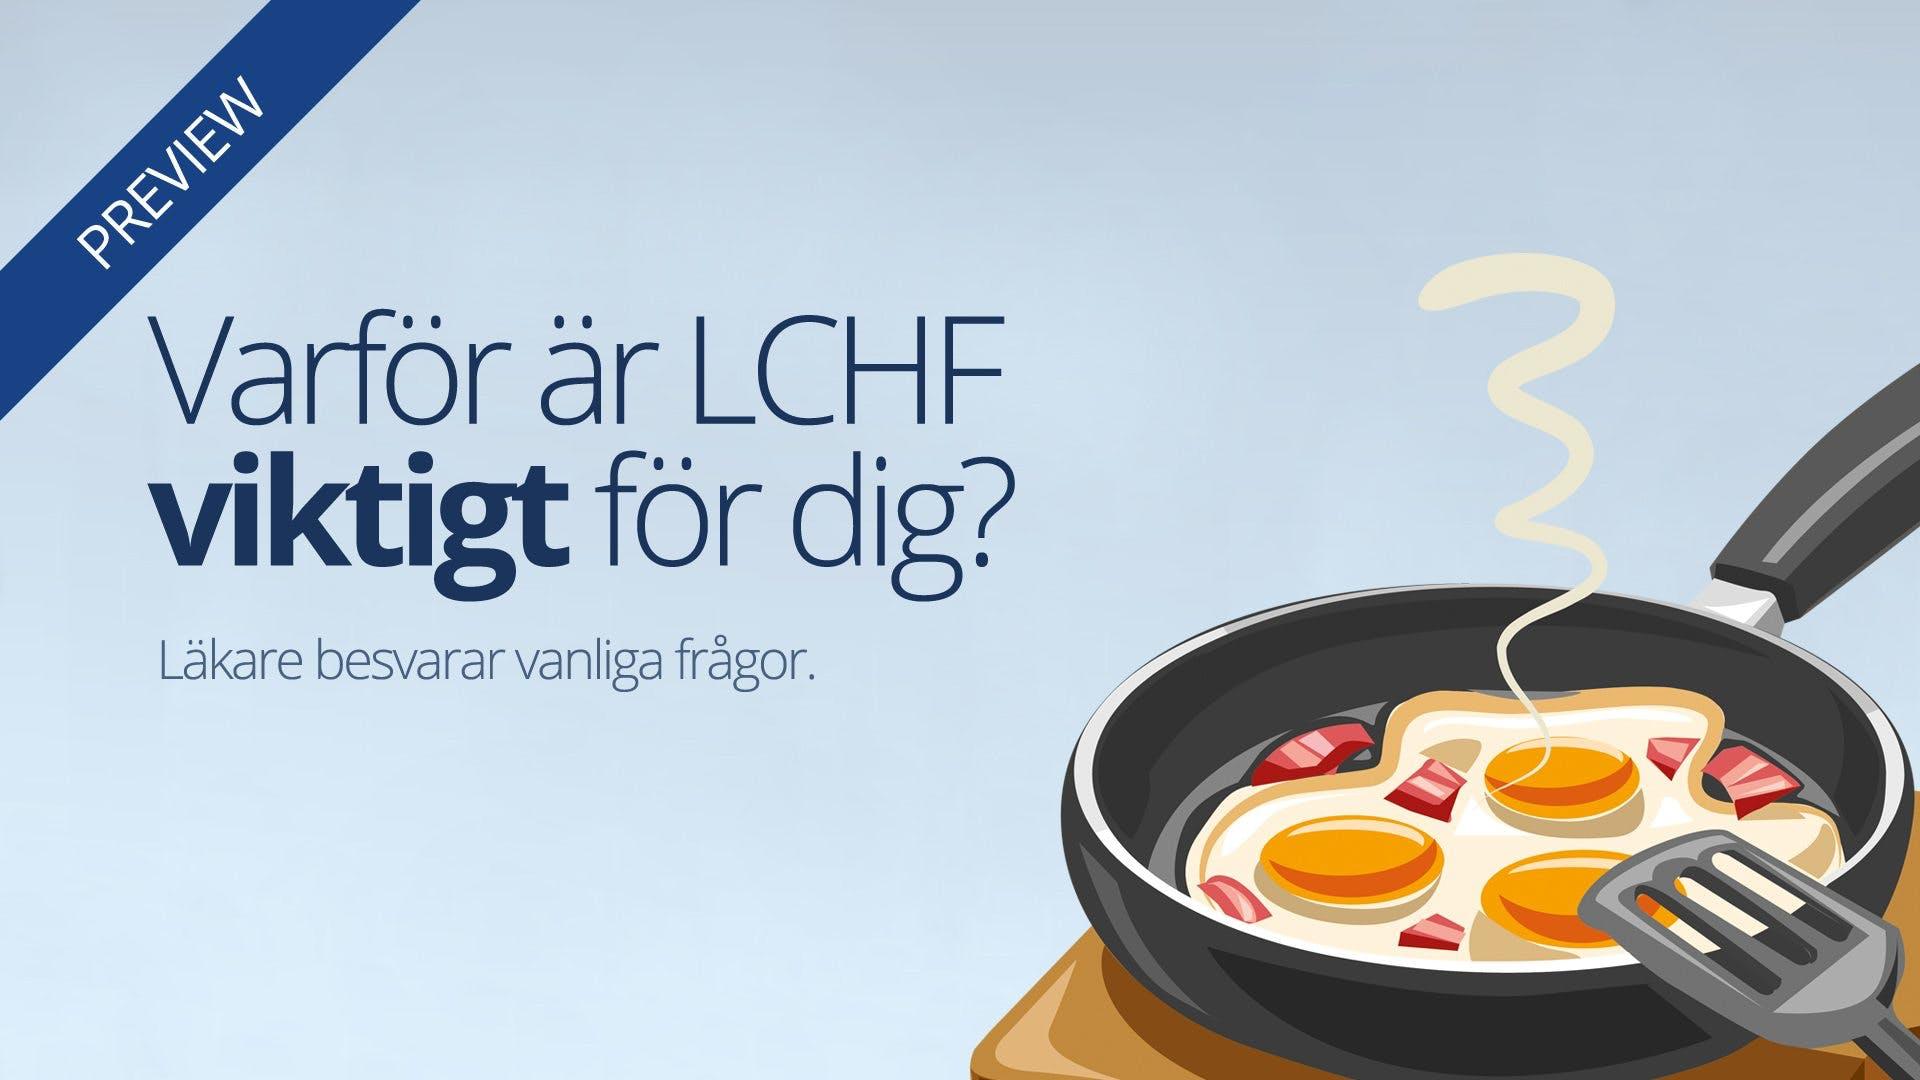 Varför är LCHF viktigt för dig?